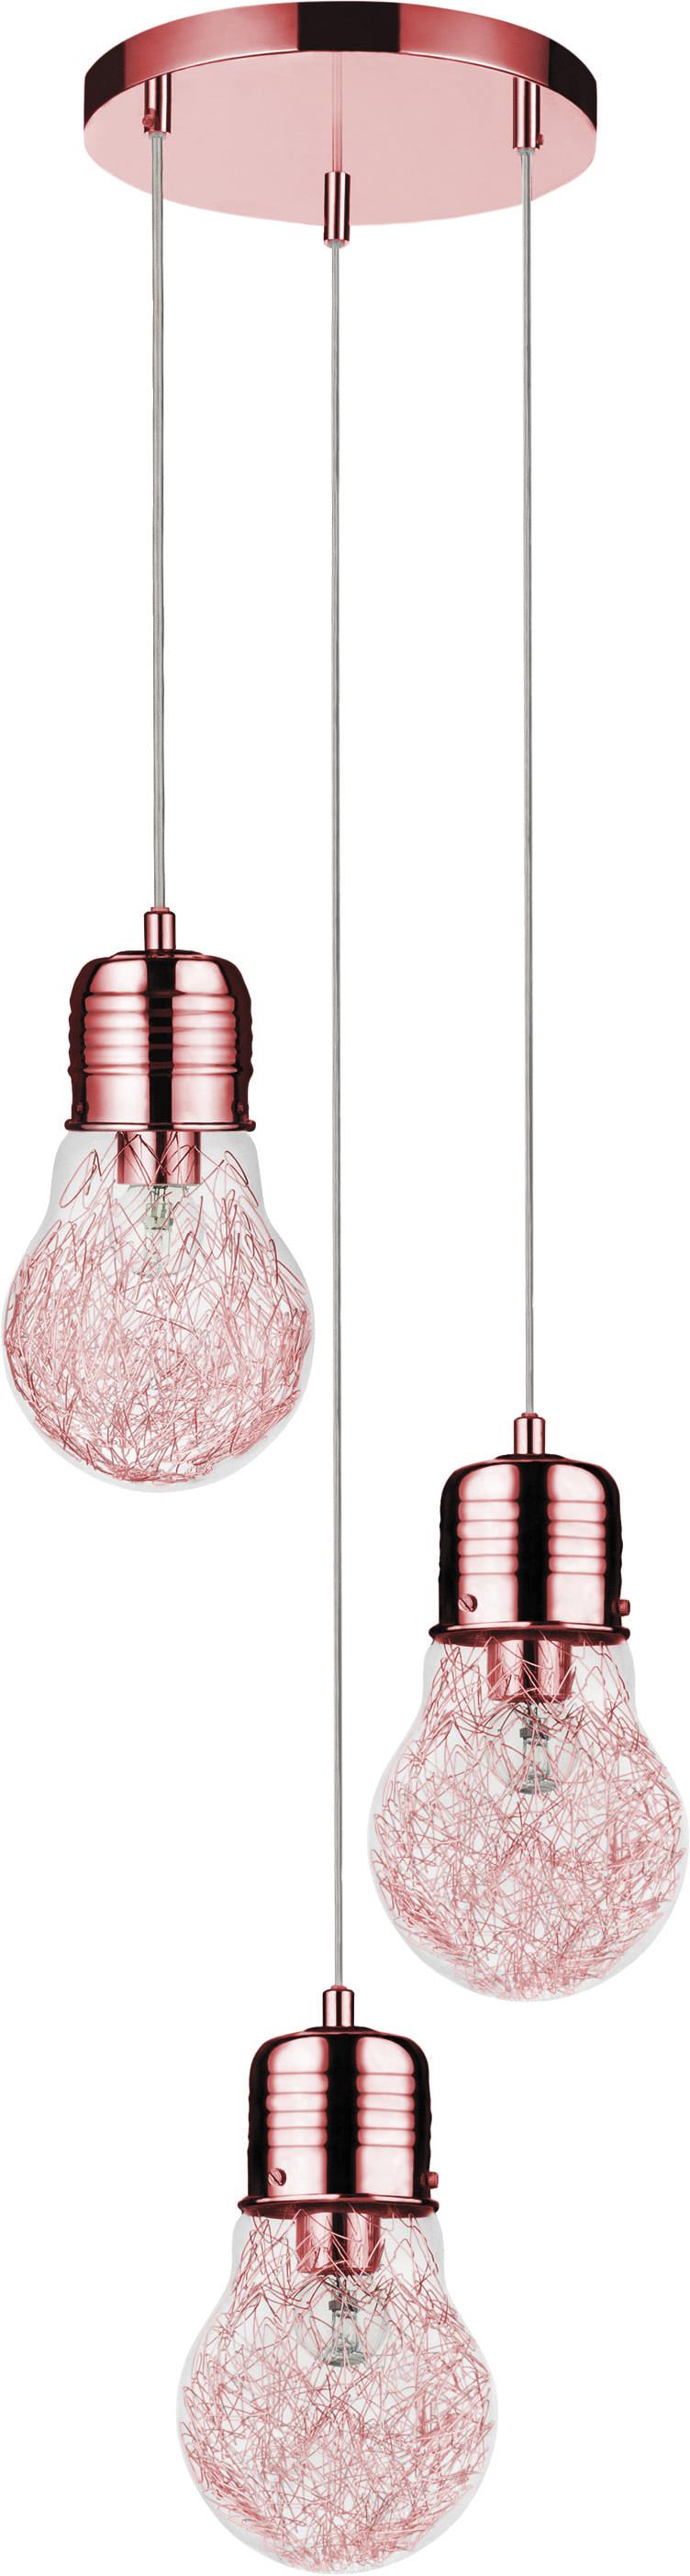 Loftowa Lampa wisząca Bulb miedź E27 60W